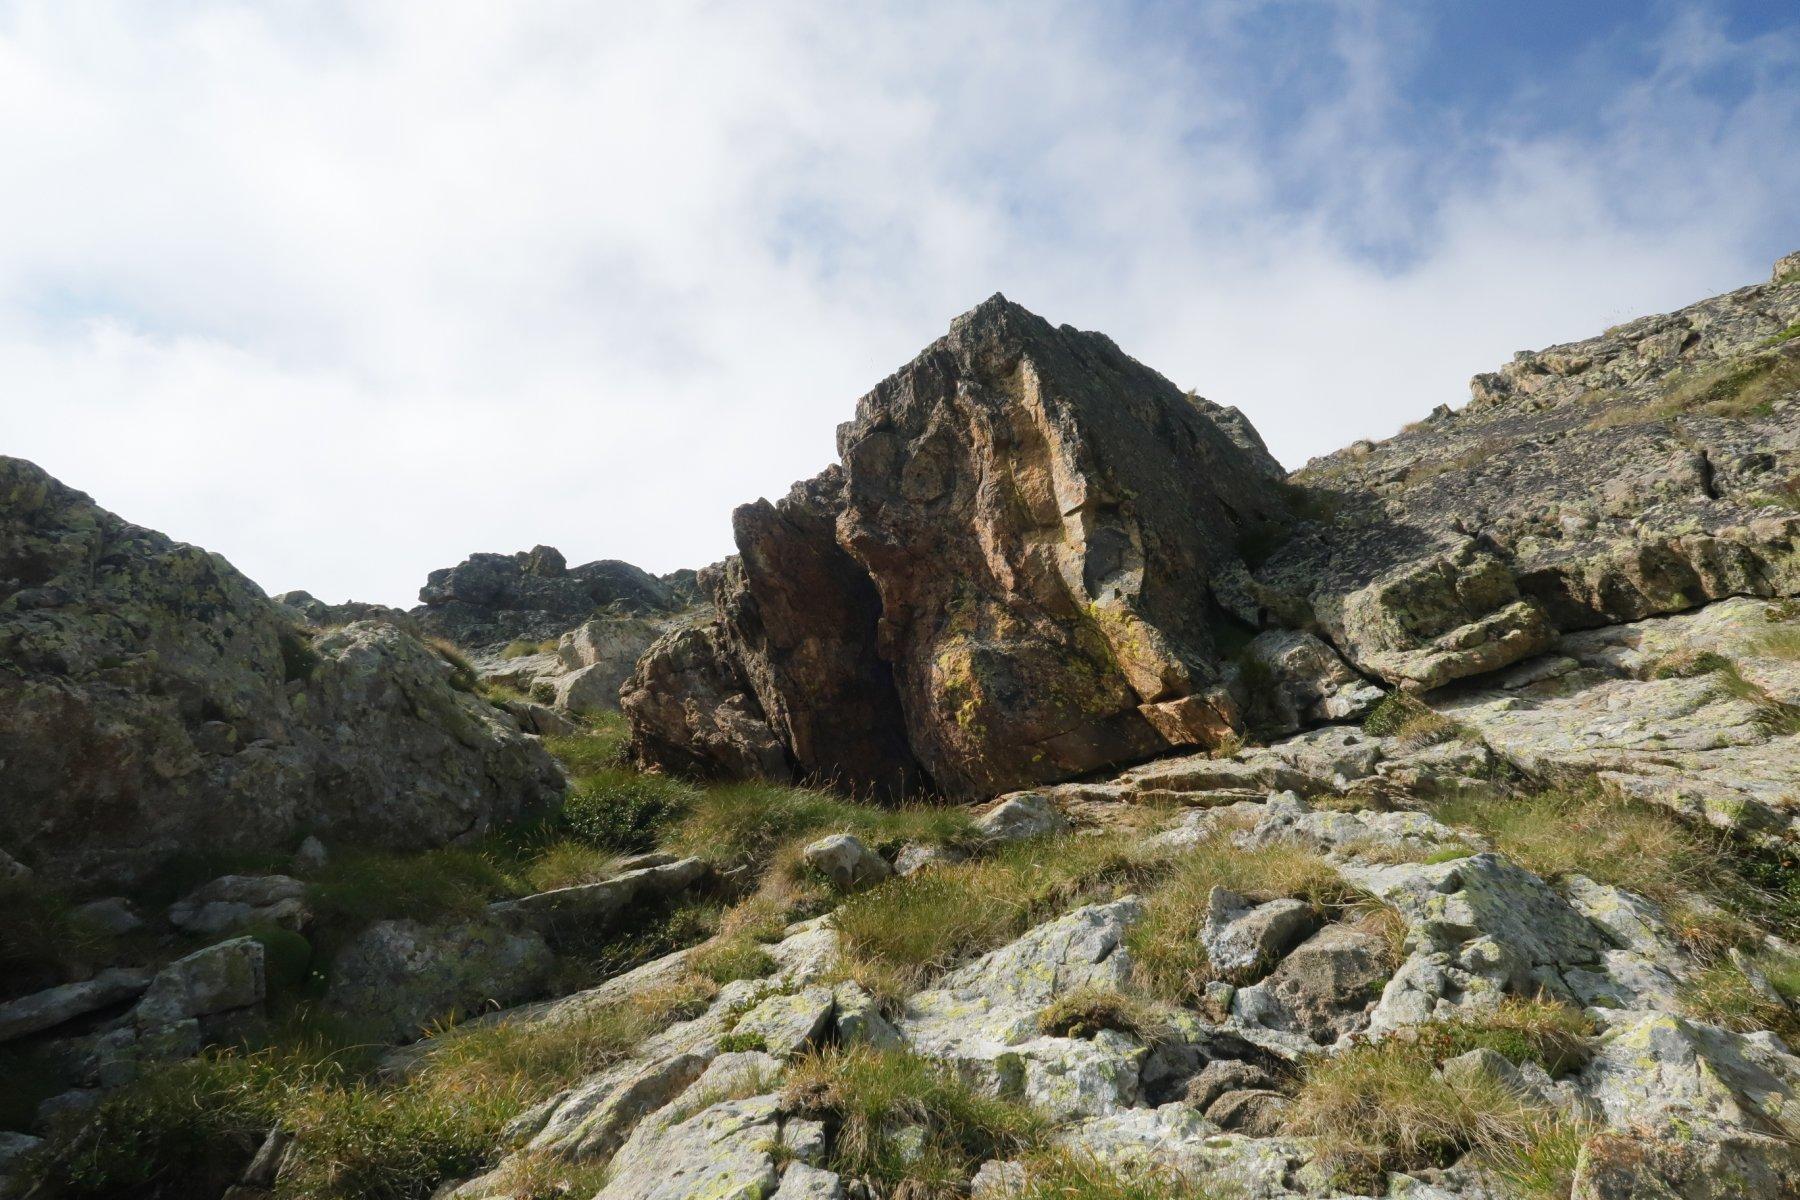 Il gobbone di roccia nera e arancione che è il primo punto di riferimento. Raggiungere la base erbosa poi salirci sopra da sinistra